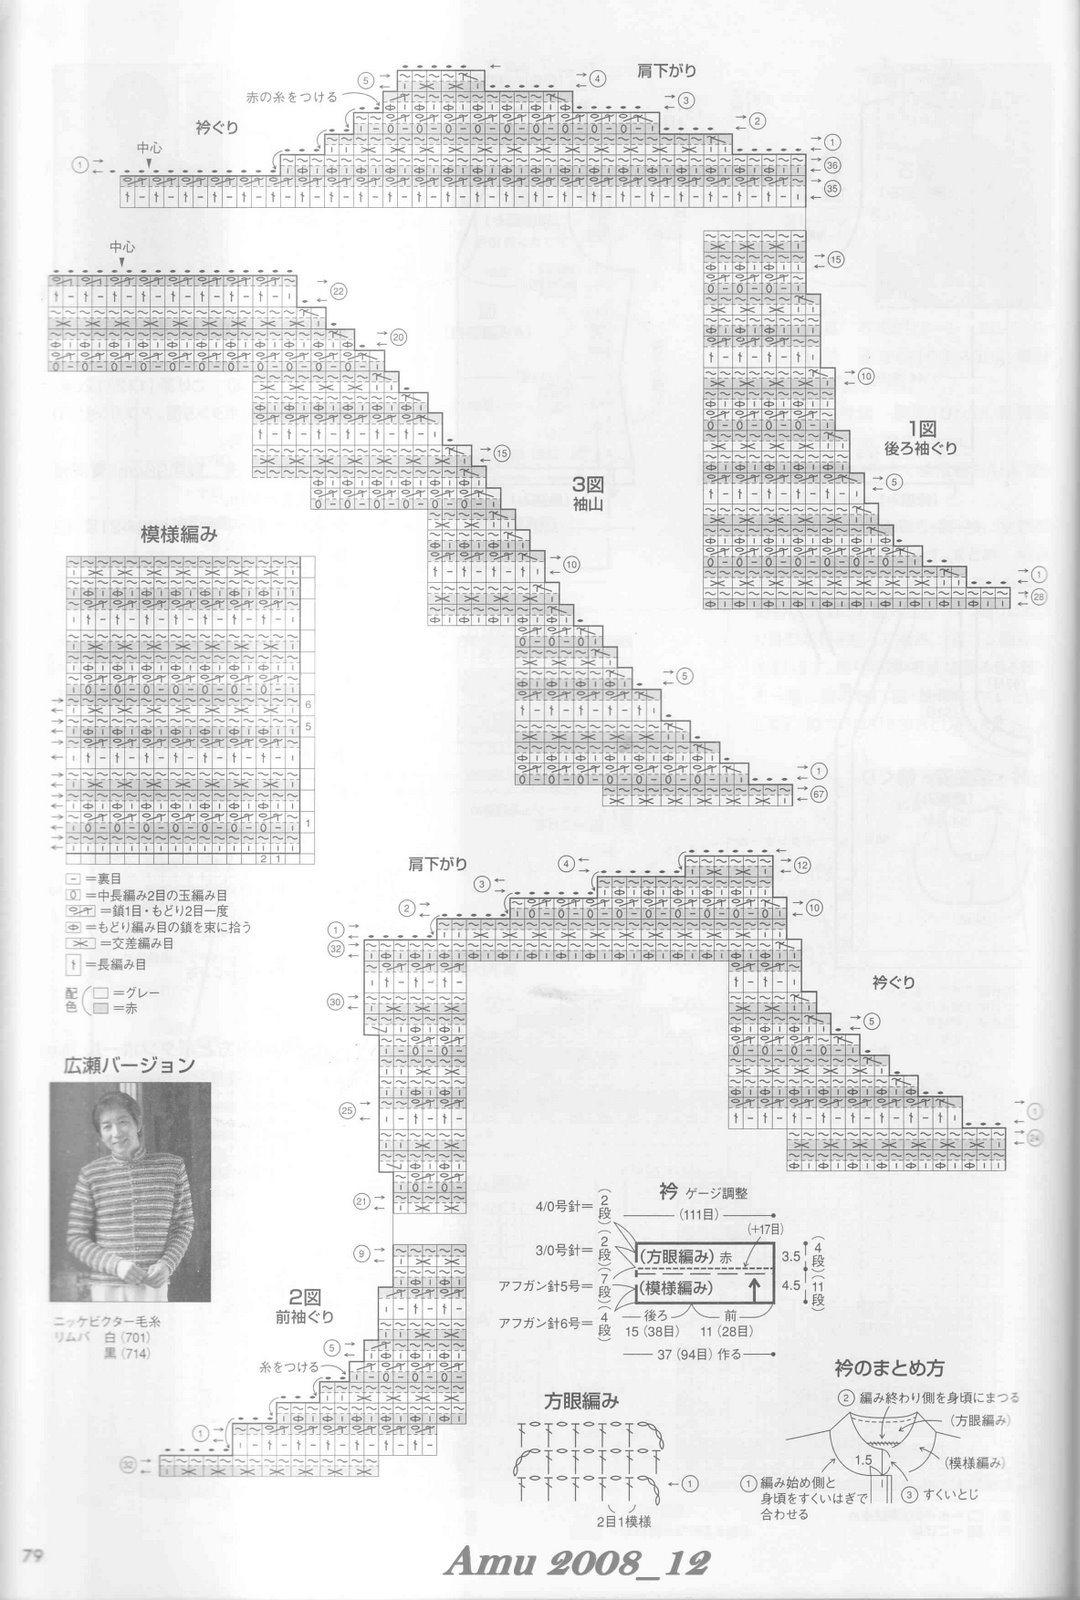 1828_Amu 2008_12_Page_019 (3)